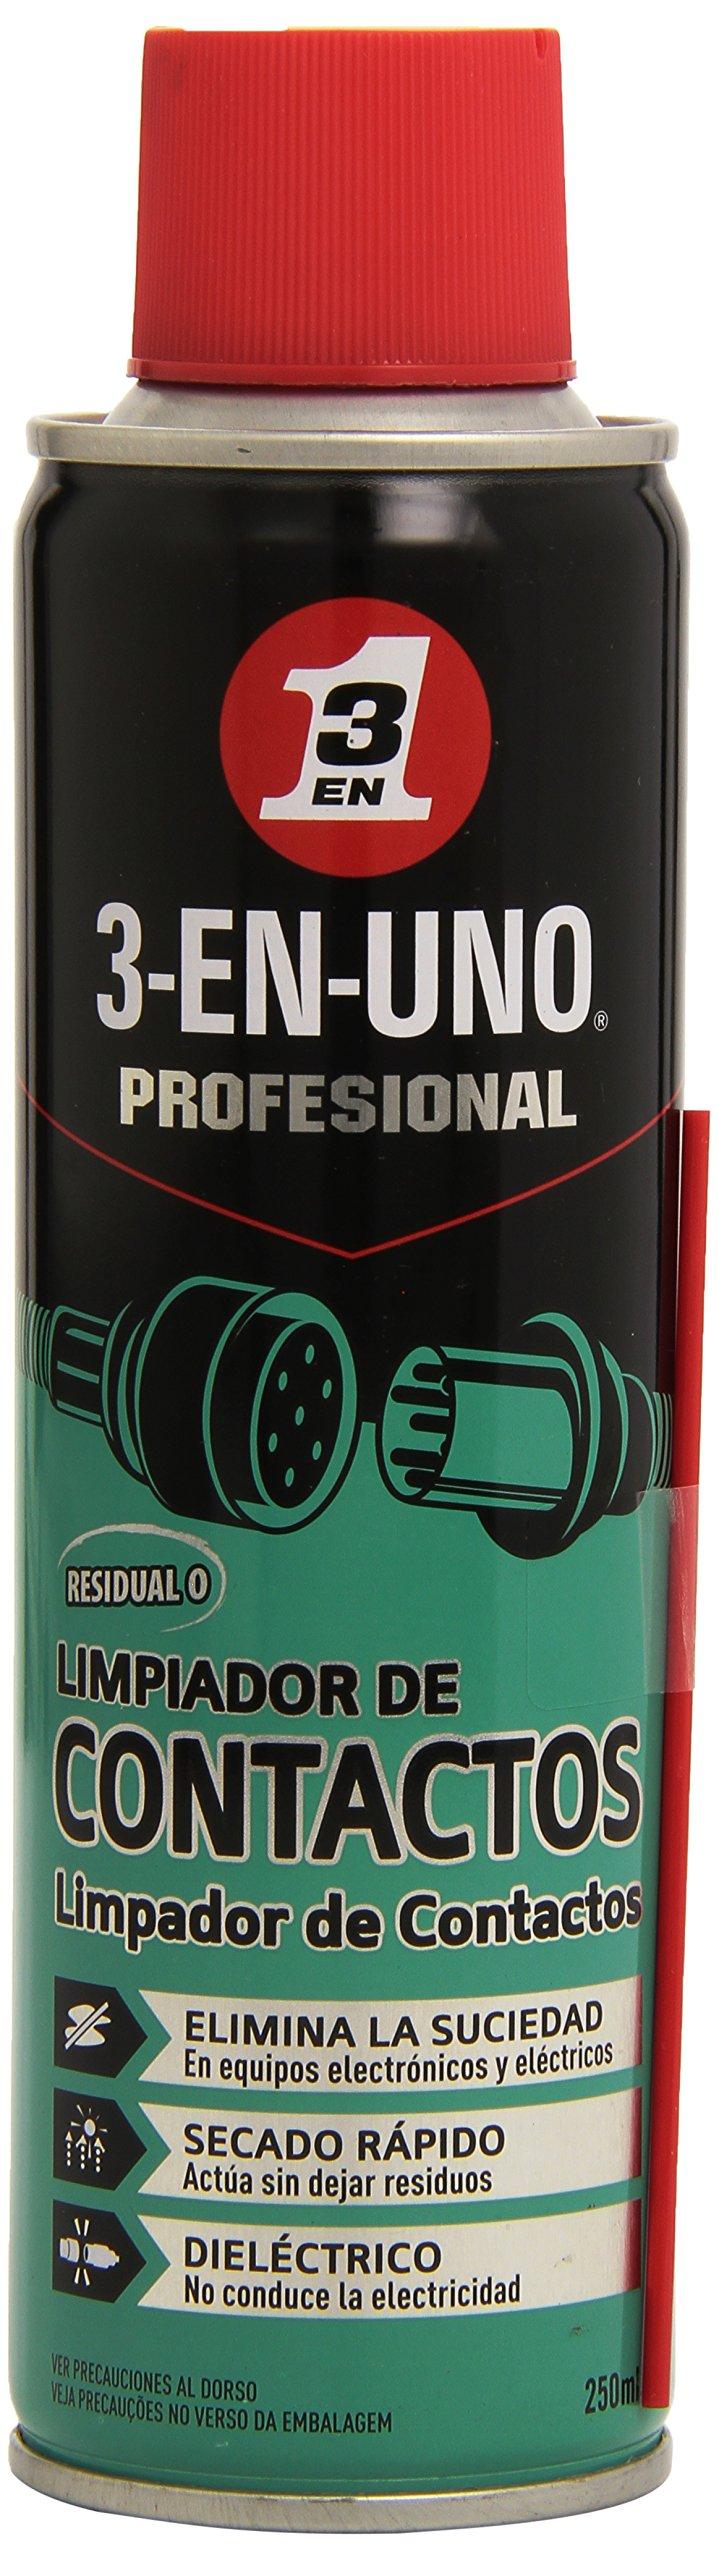 3 En 1- Limpia Contactos 3 En 1 Profesional 250Ml. 34474 product image